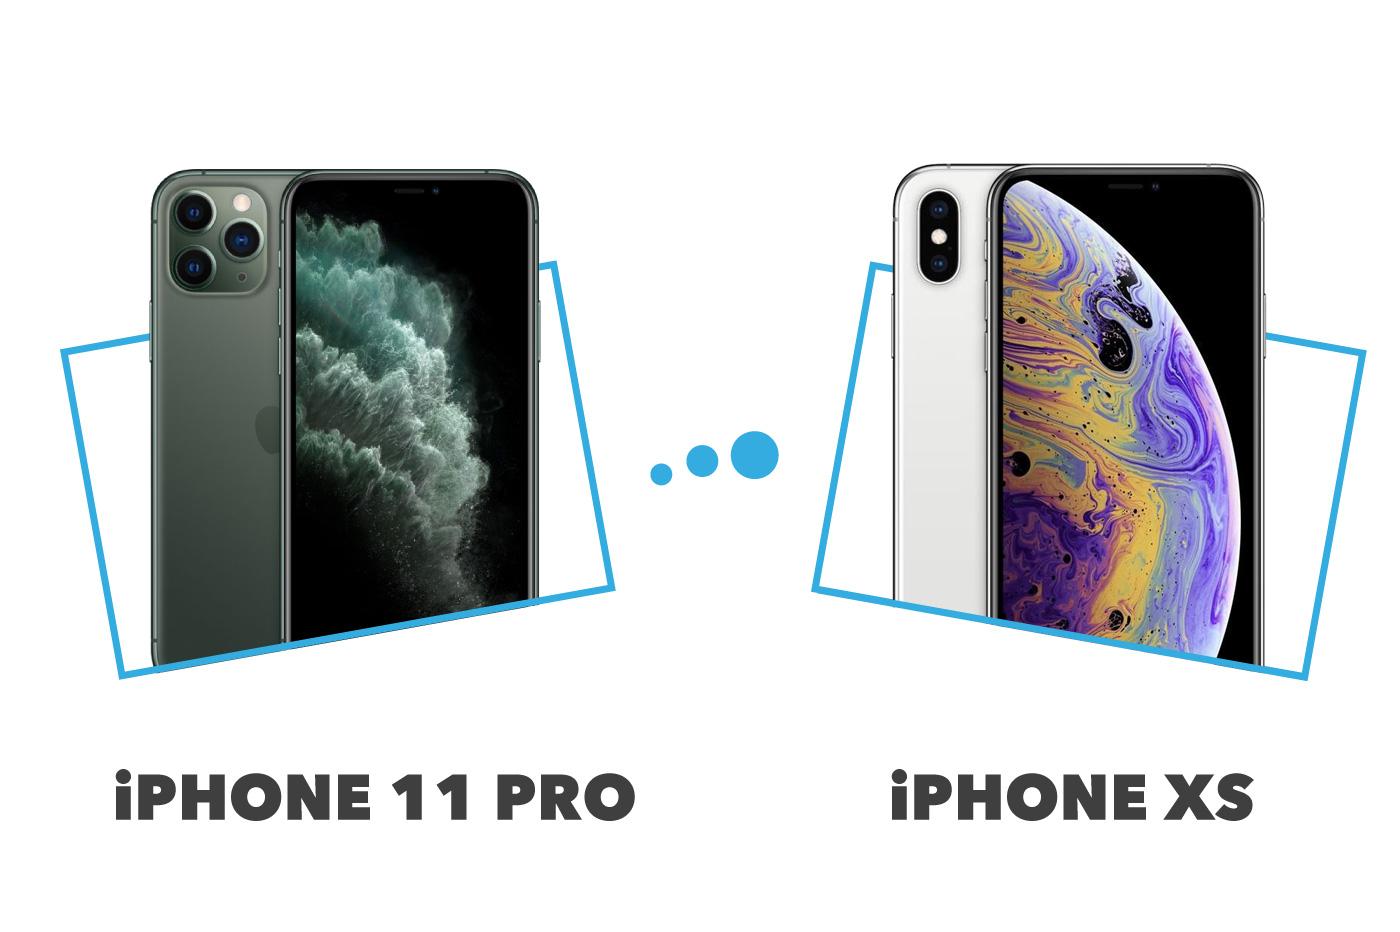 comparatif iPhone XS versus iPhone 11 Pro